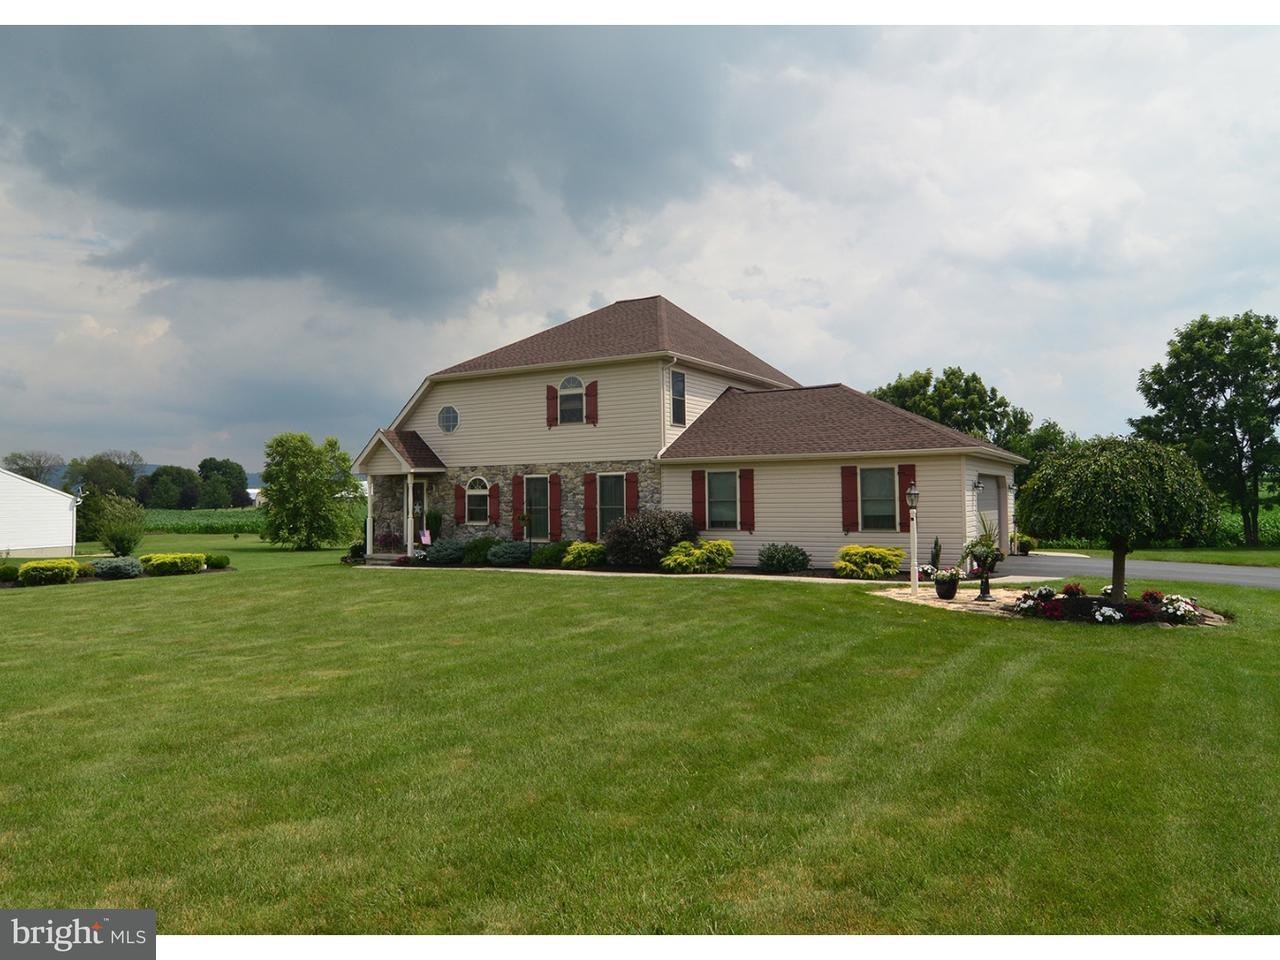 Частный односемейный дом для того Продажа на 116 COUNTRY Lane Richland, Пенсильвания 17087 Соединенные Штаты